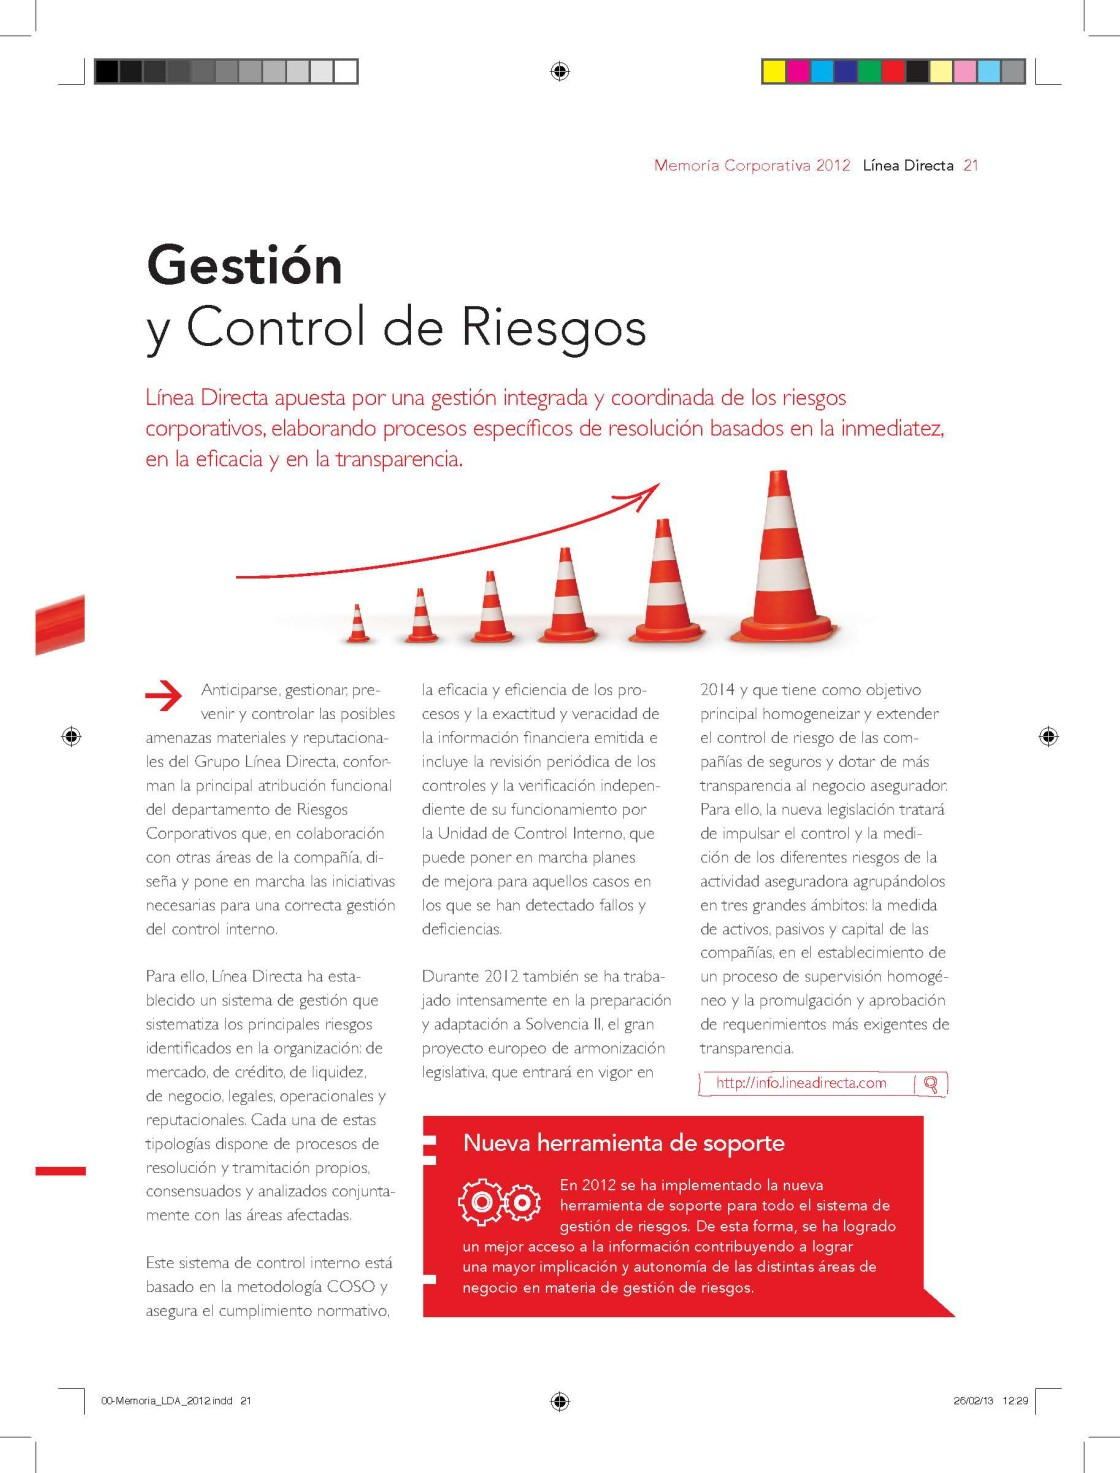 Memoria_LDA_2012_Page_21